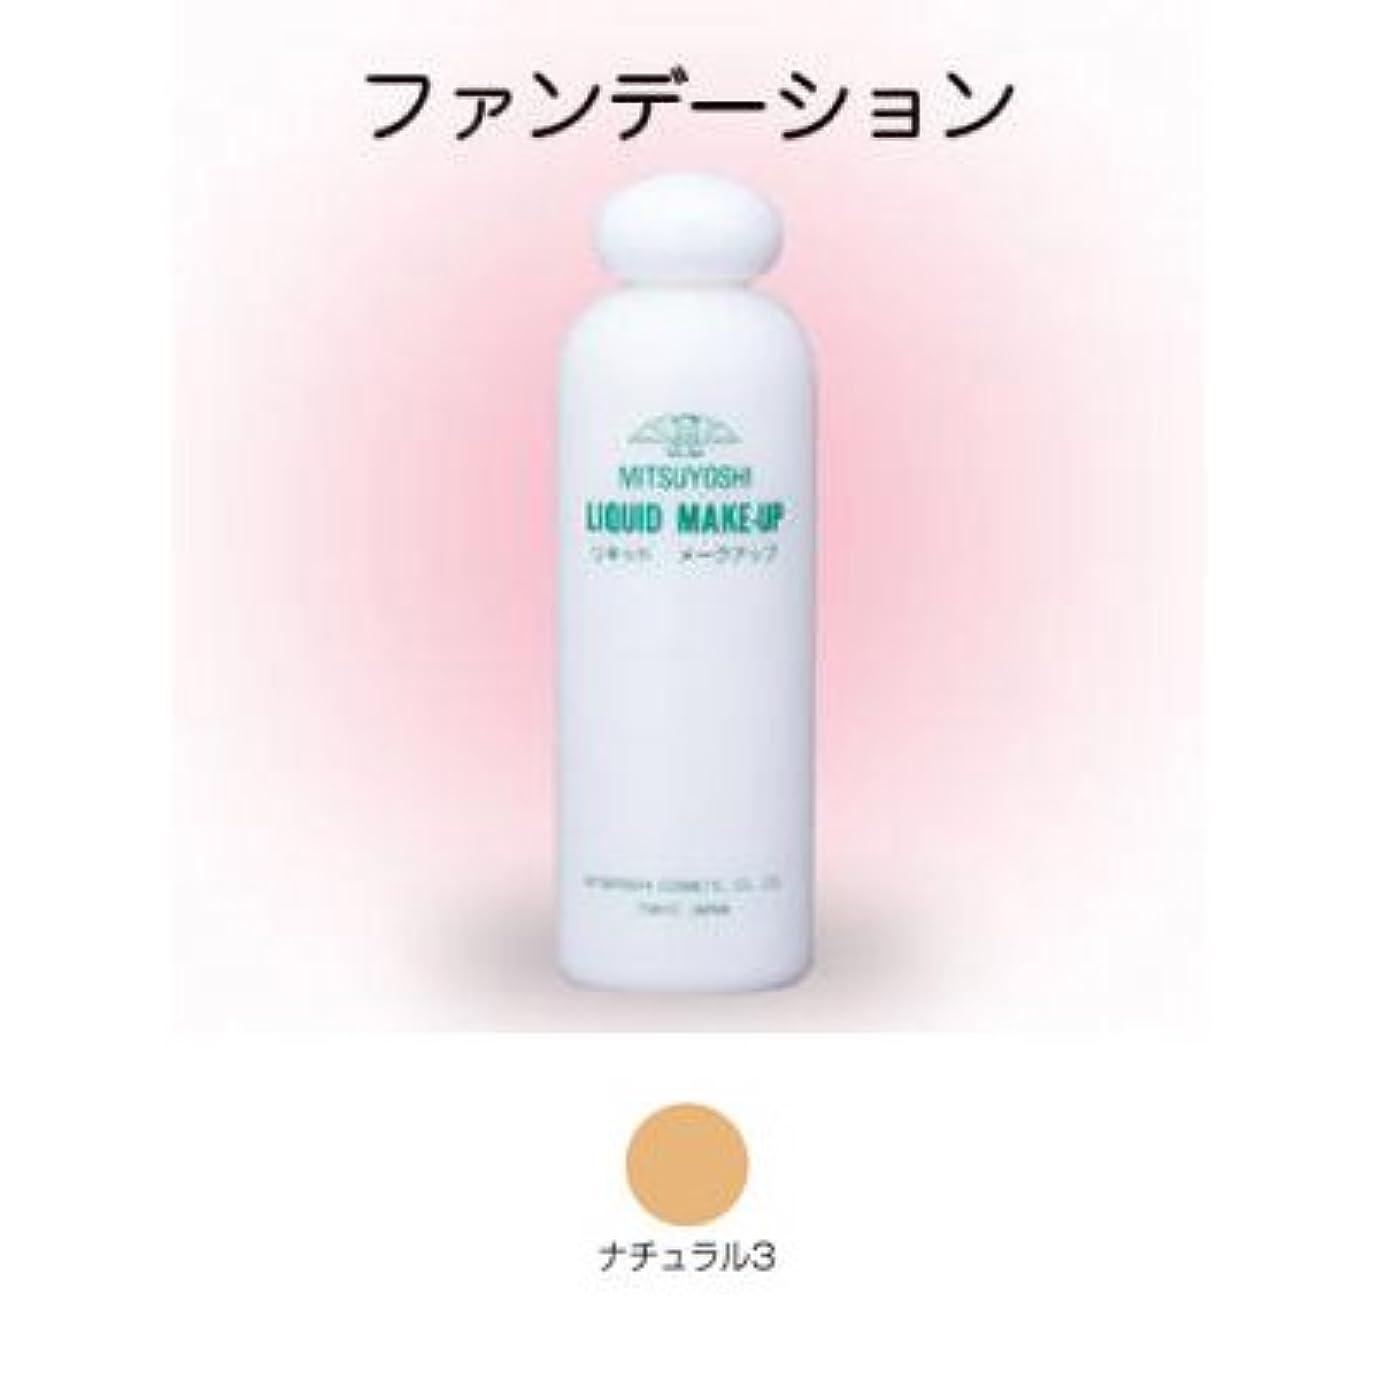 コンデンサー神秘実証するリキッドメークアップ 200ml ナチュラル3 【三善】